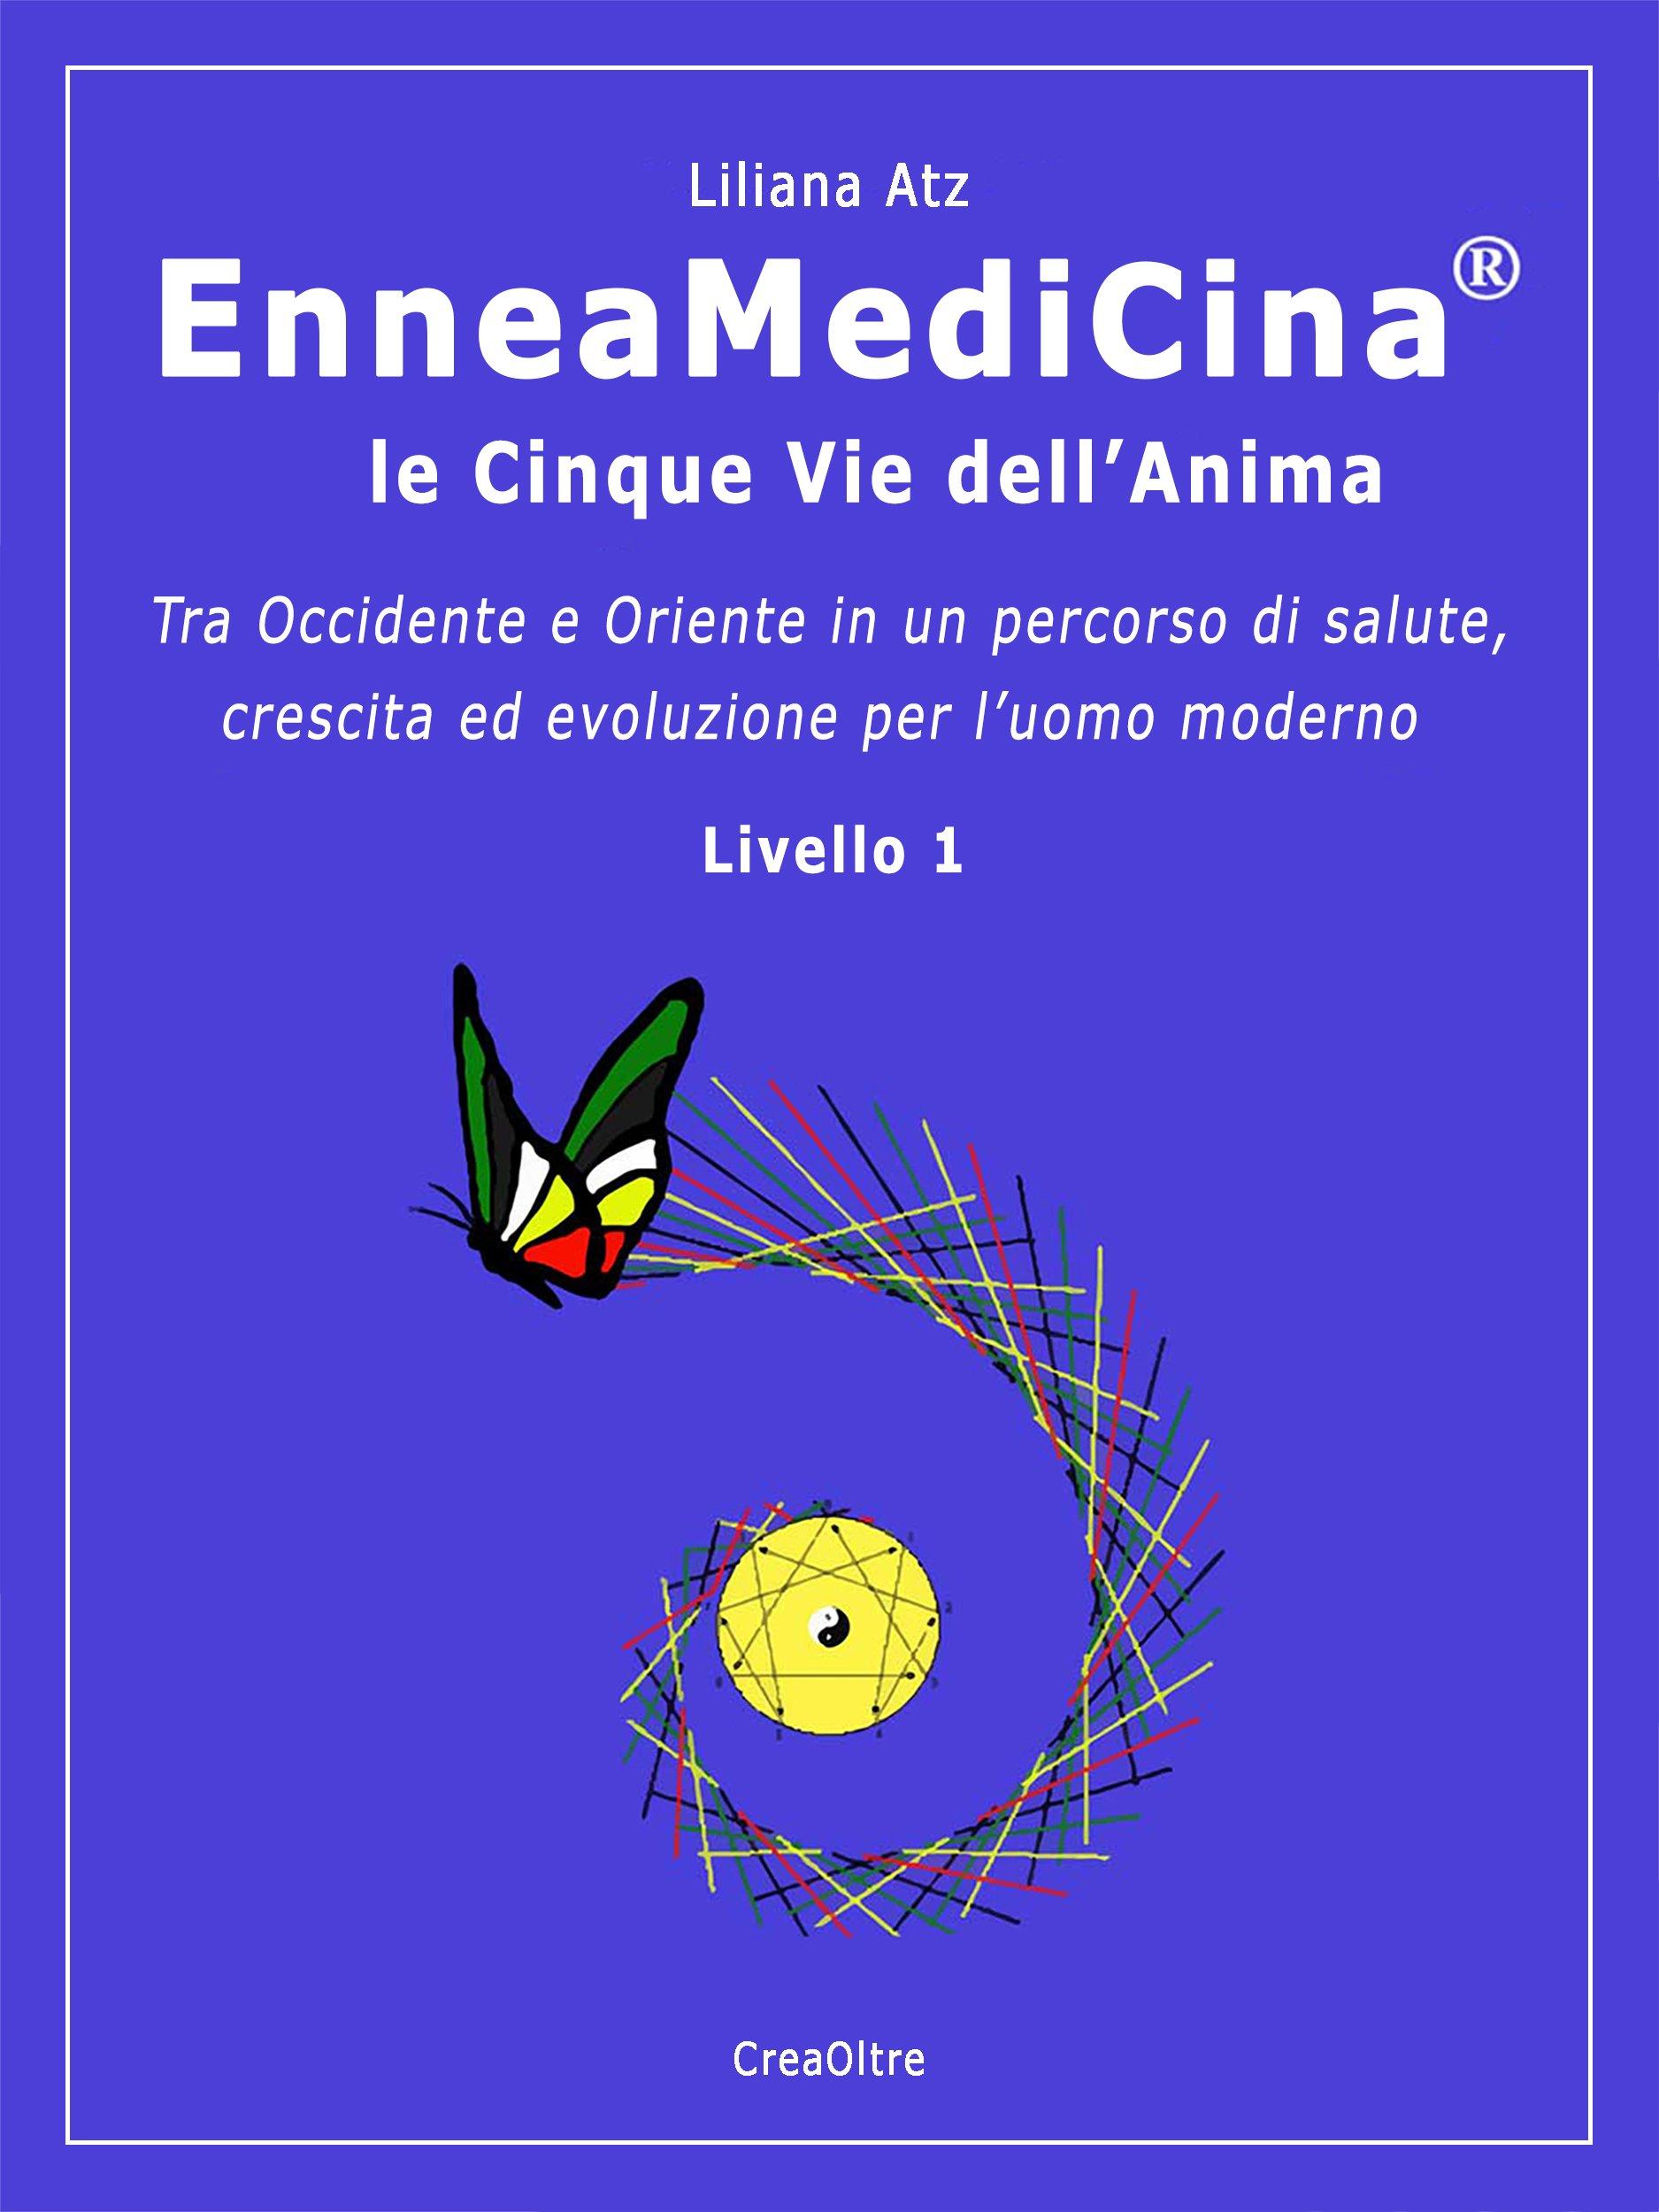 Enneamedicina lenneagramma alla luce delle neuroscienze approfondisci sul libro di liliana atz fandeluxe Gallery